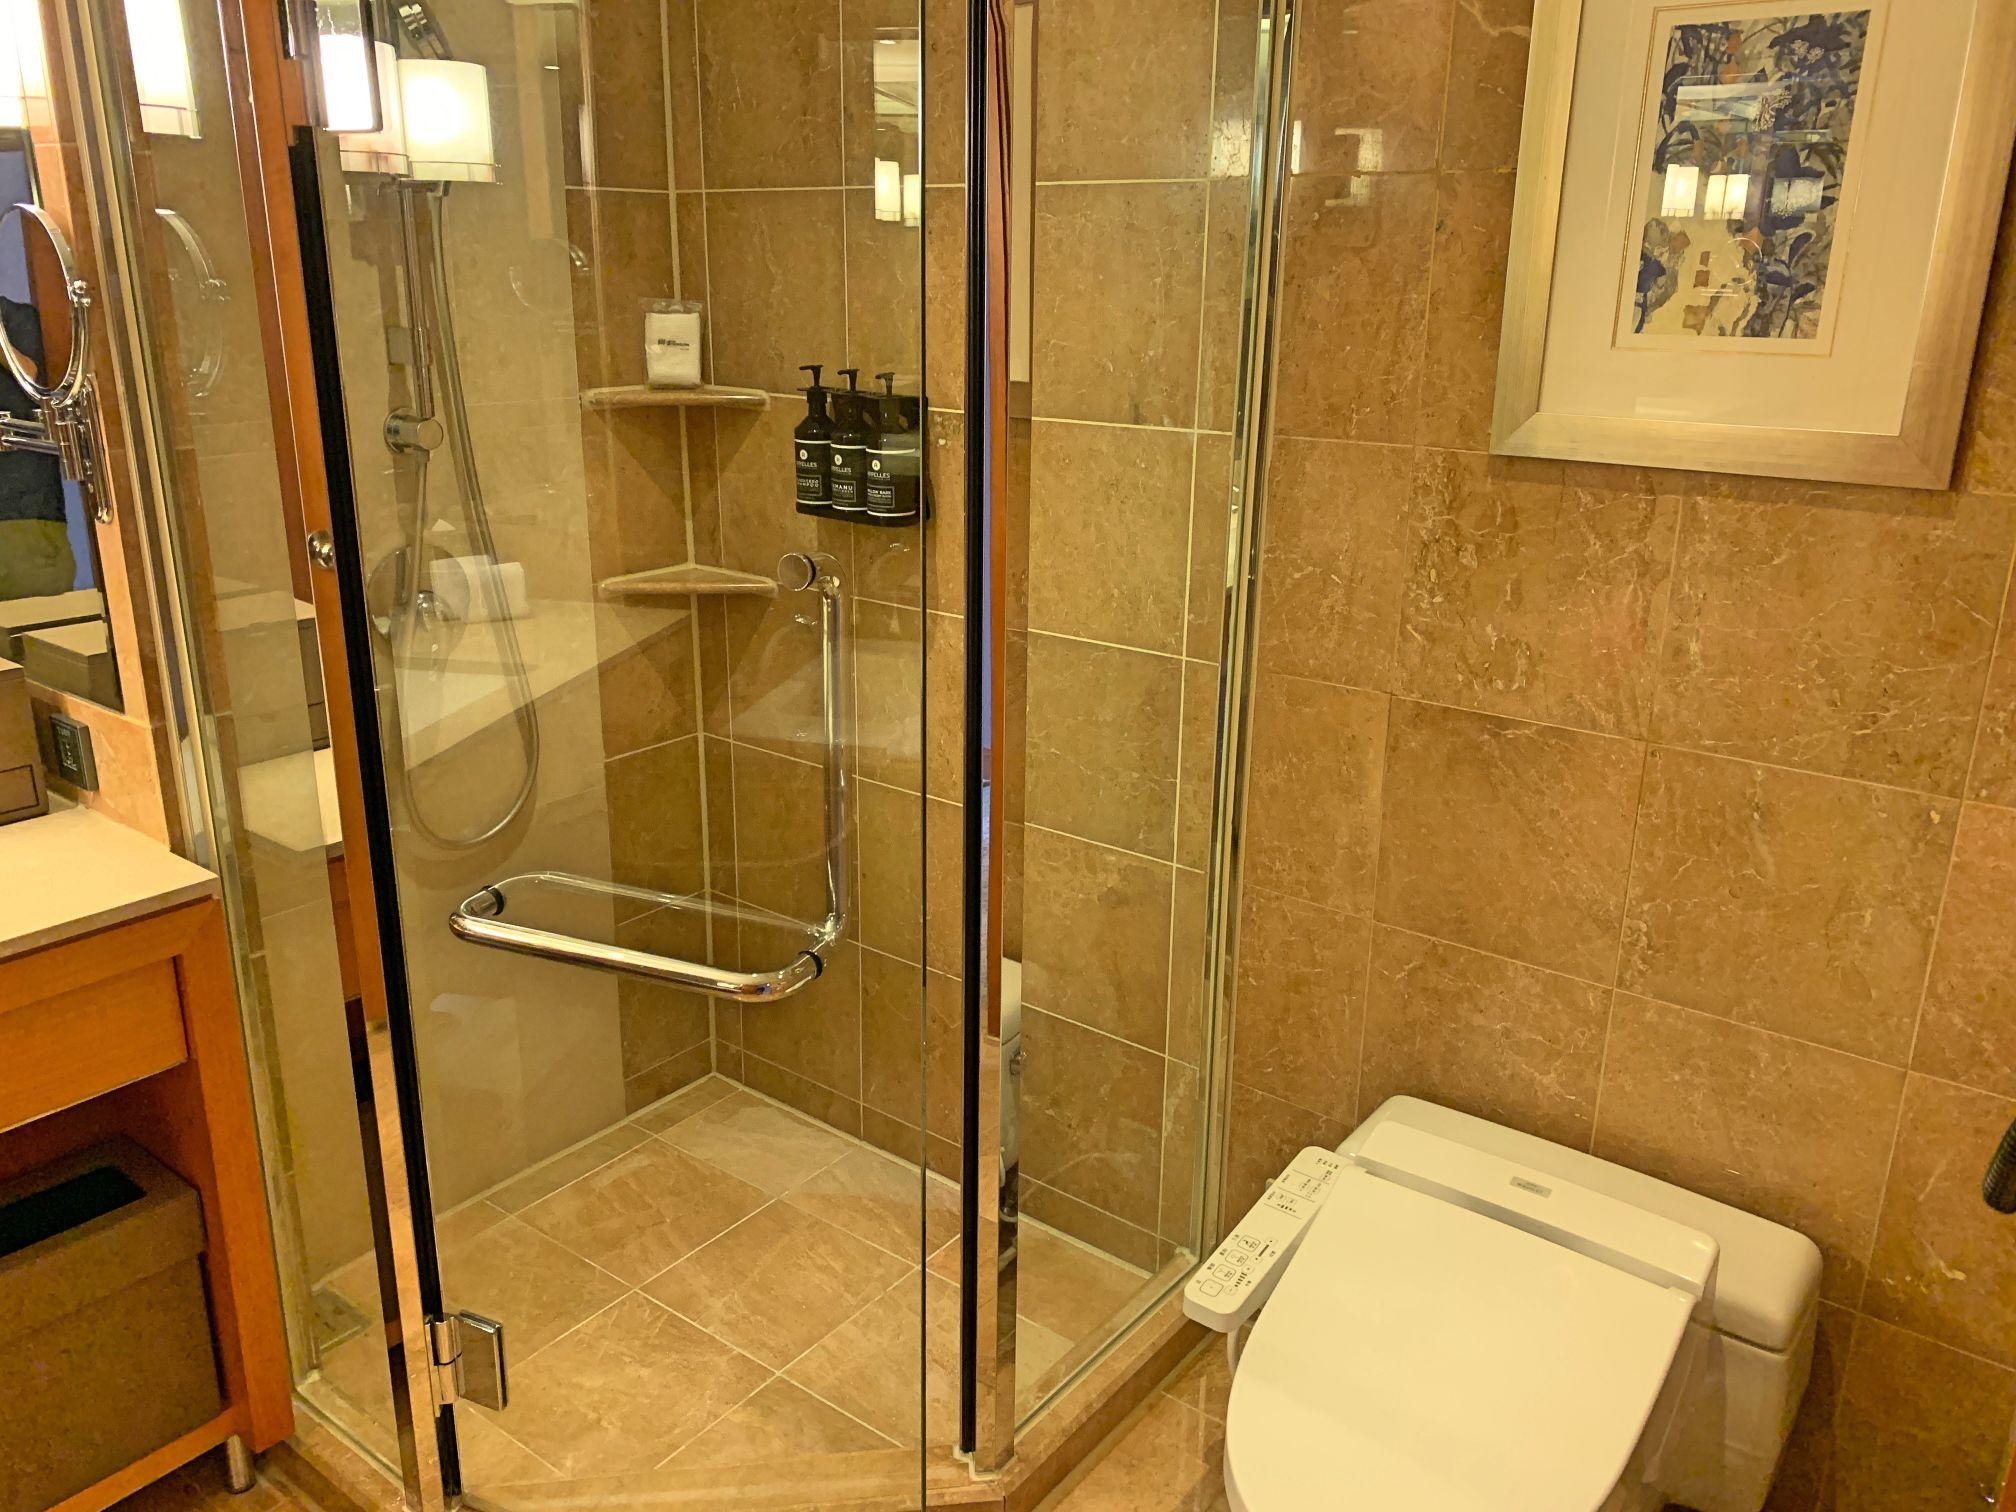 メトロポリタンプレミア台北のトイレ